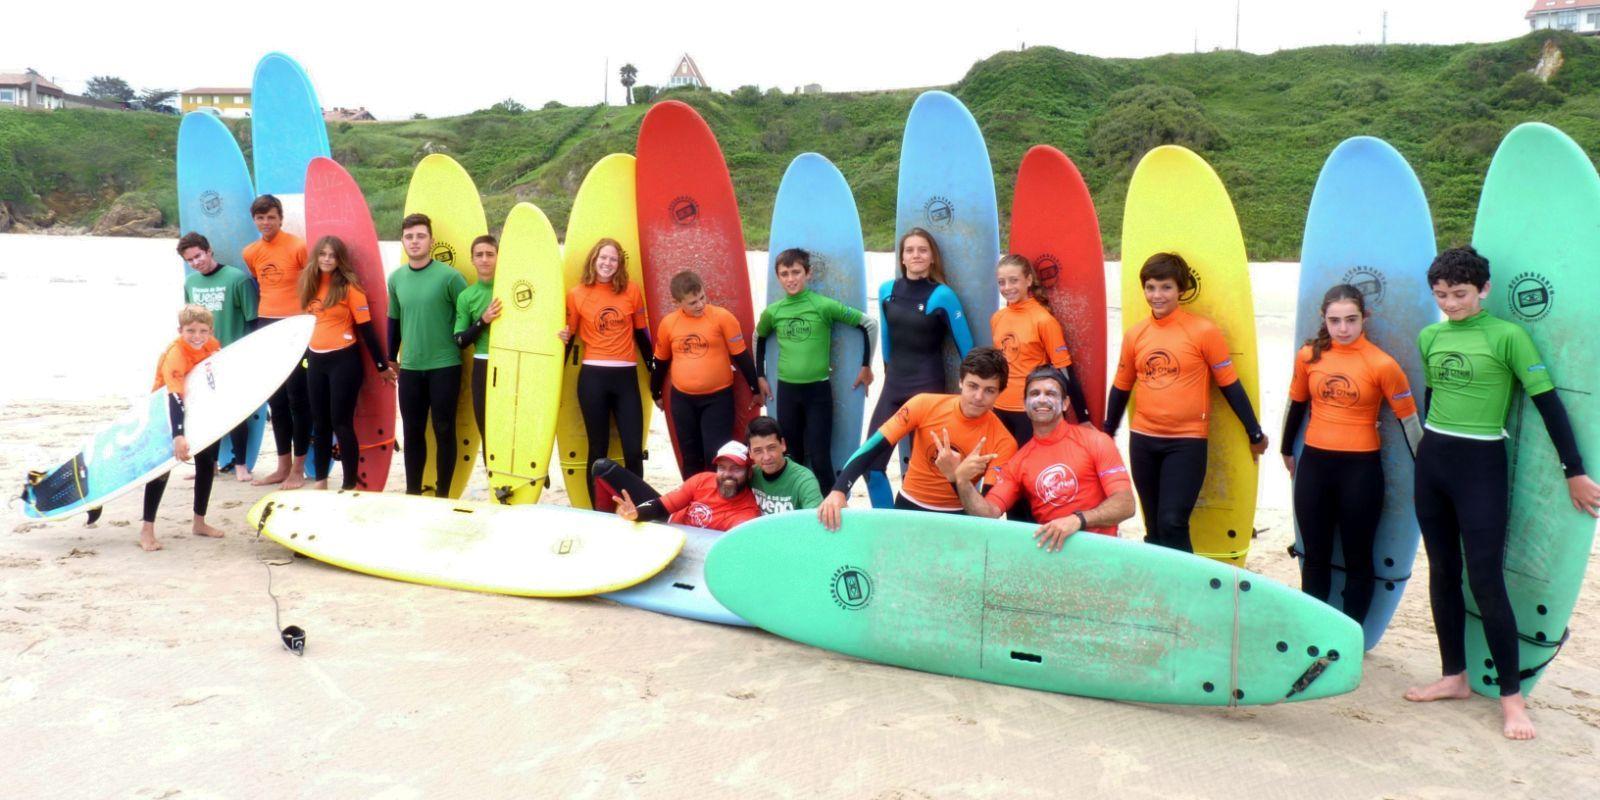 Chicos surfcamp posando con tablas